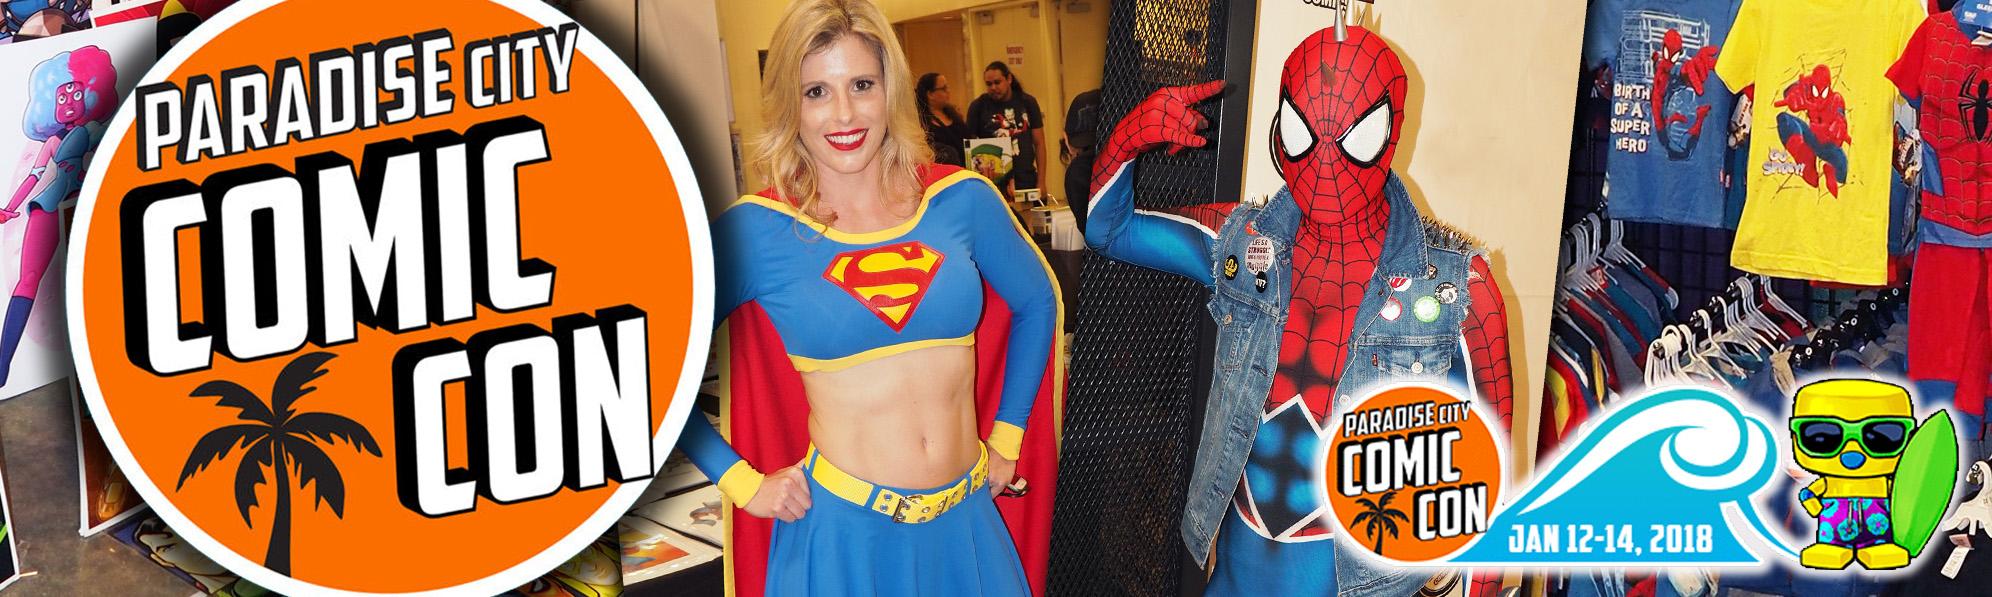 Paradise City Comic-Con regresa a Miami